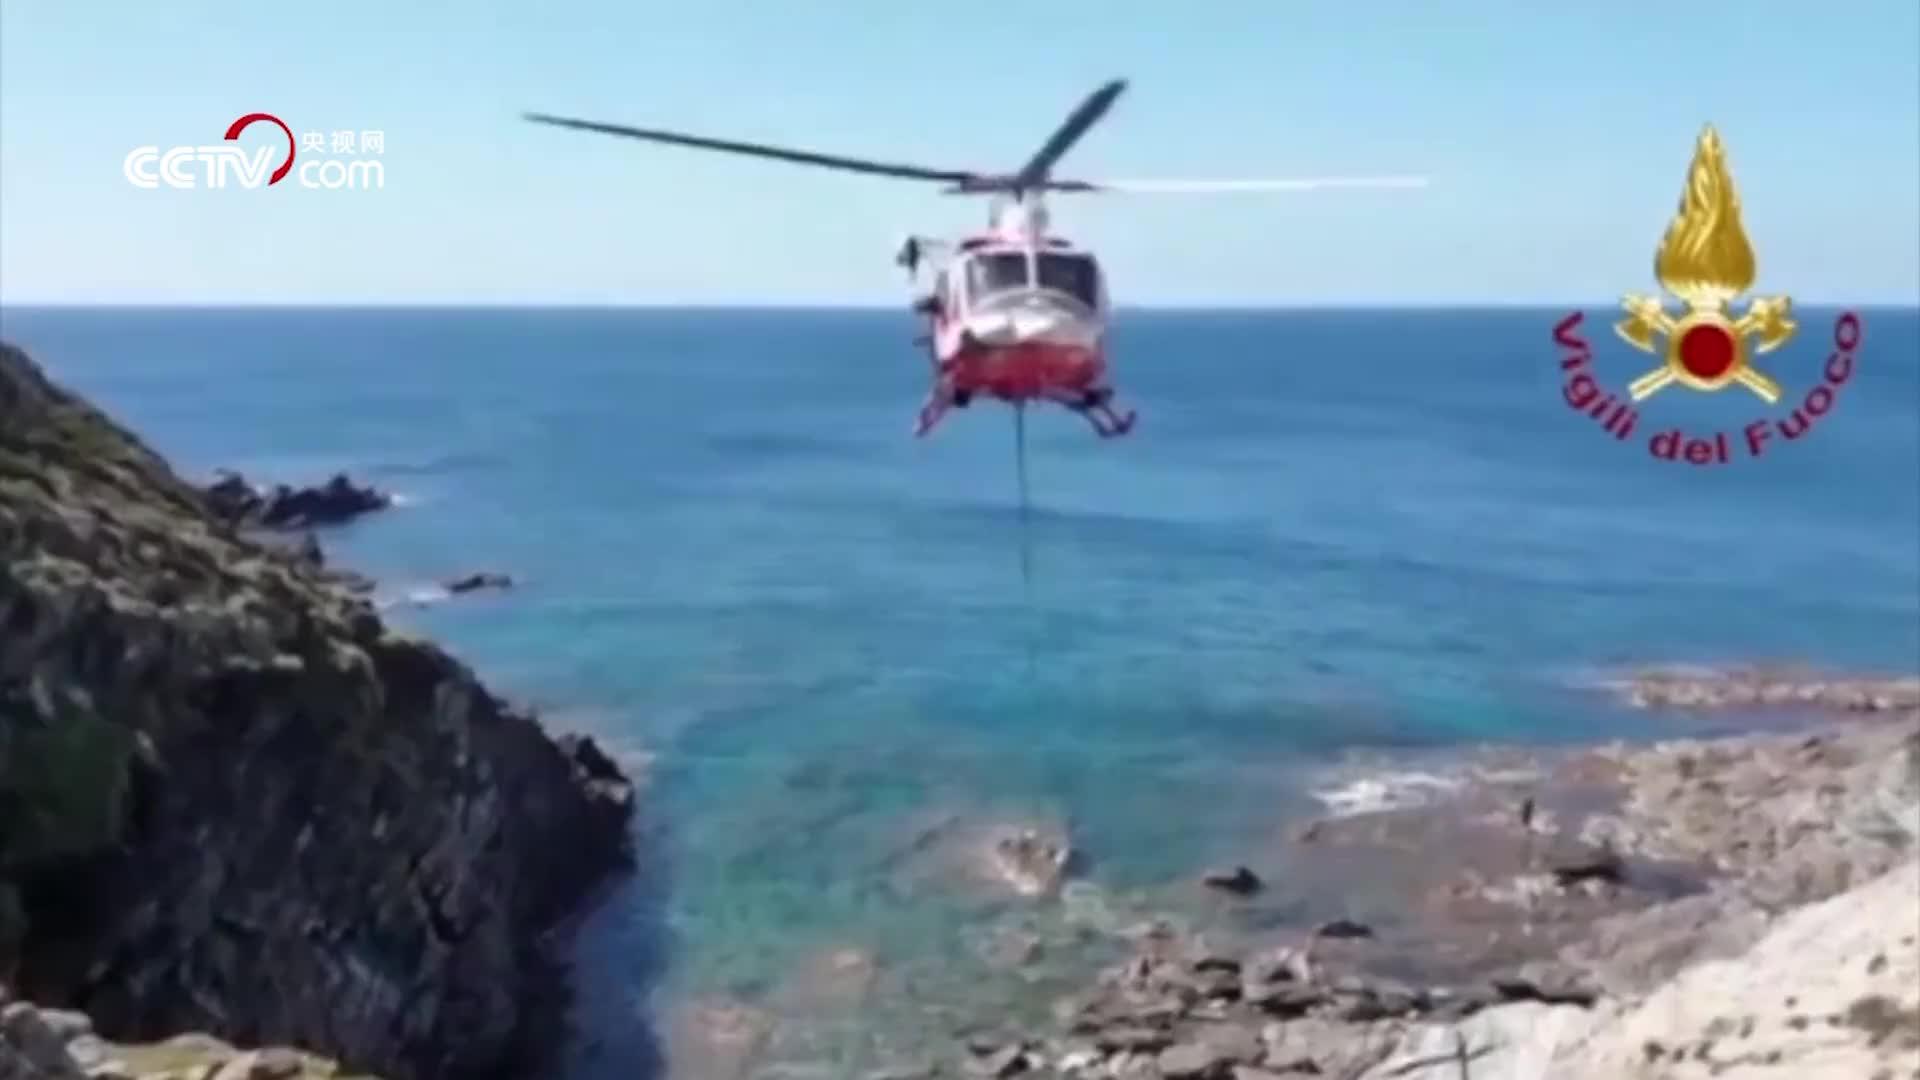 [视频]奶牛飞上天!意大利消防员全力营救奶牛